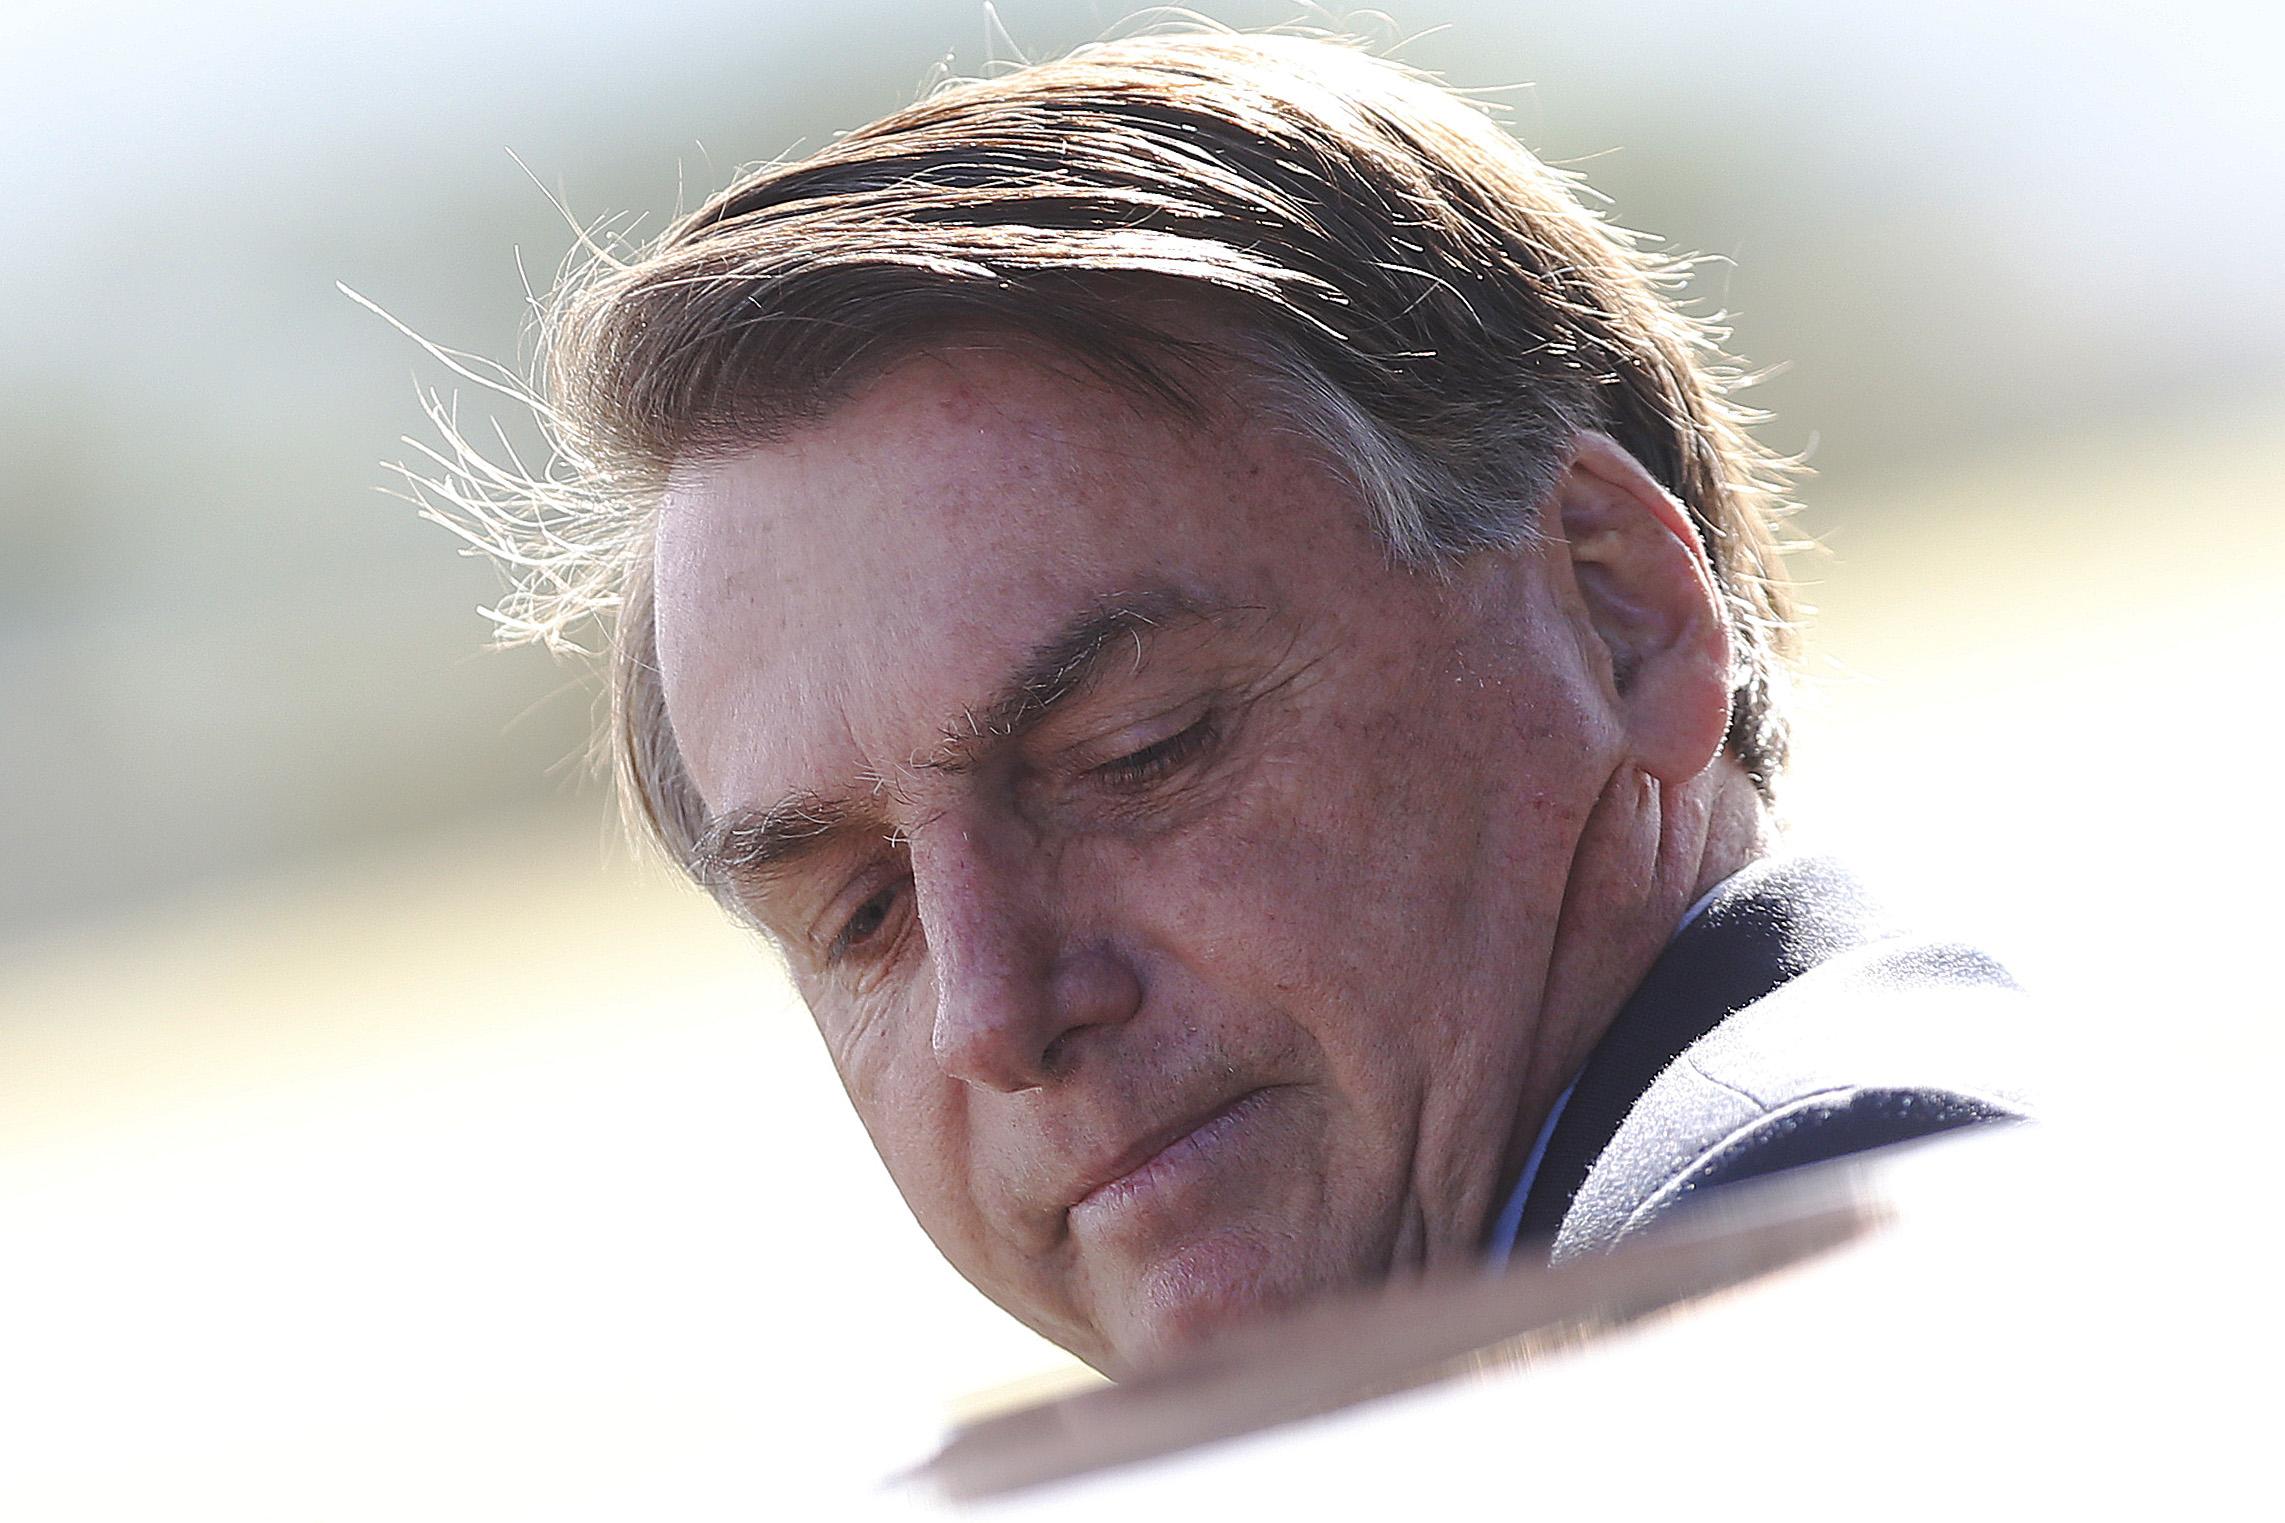 IMAGEM: Mais de um motivo levou Bolsonaro a querer tomar conta da PF no Rio